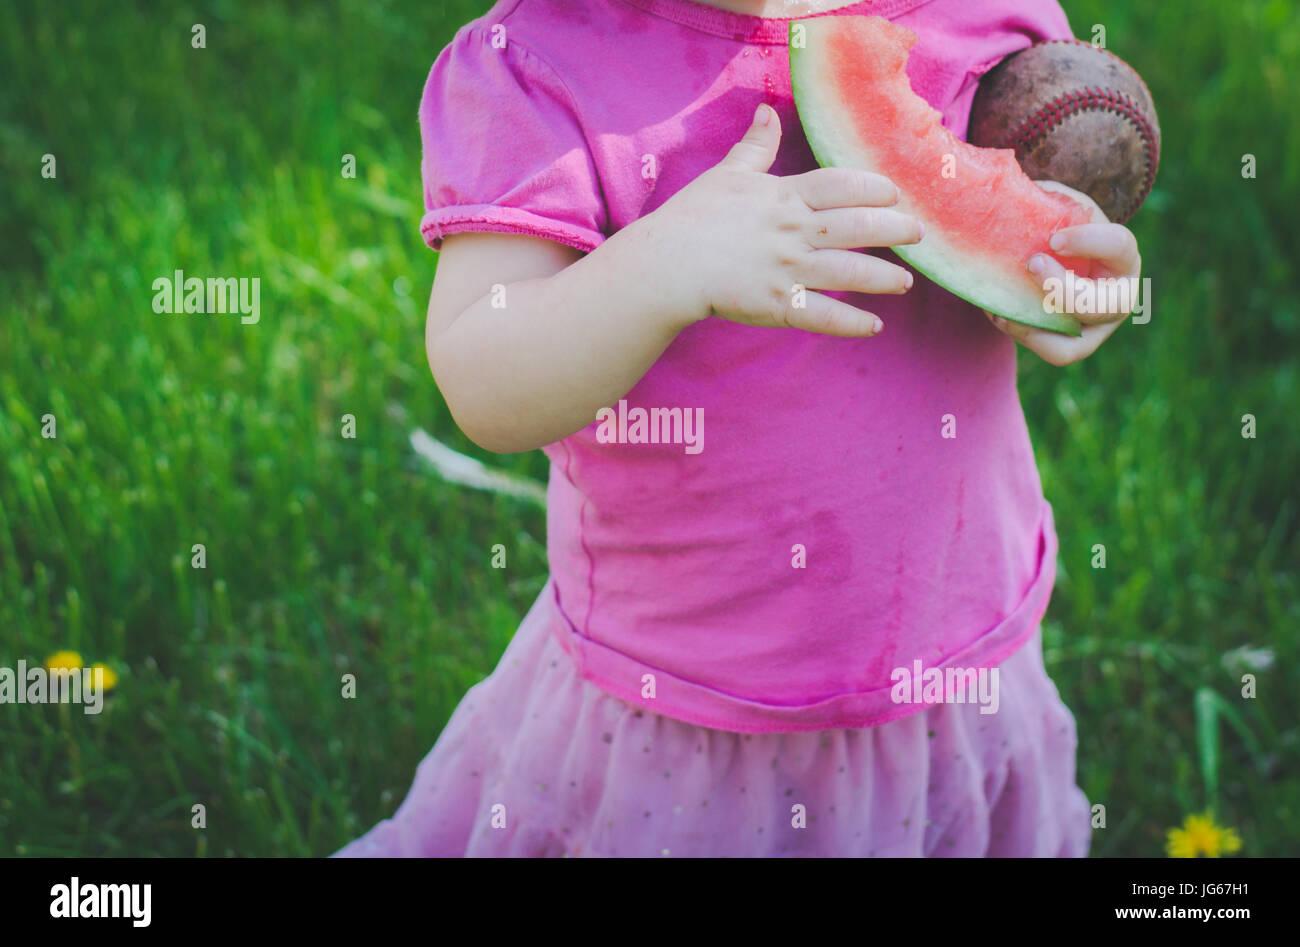 Une jeune fille mange une pastèque et est titulaire d'une balle de baseball en été Photo Stock